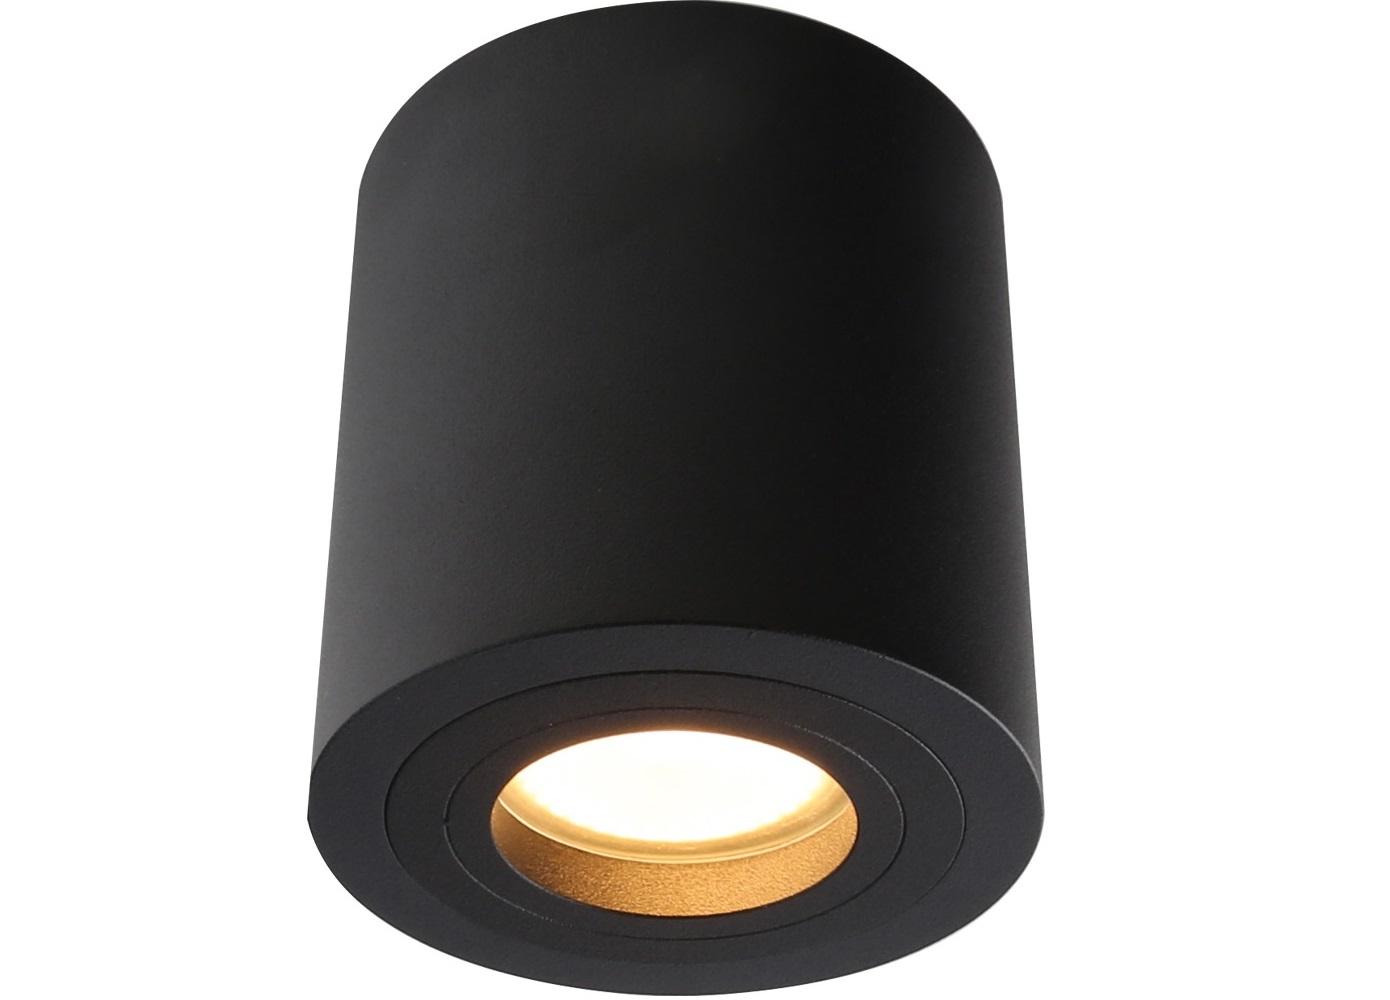 Потолочный поворотный светильникТочечный свет<br>&amp;lt;div&amp;gt;Вид цоколя: GU10&amp;lt;/div&amp;gt;&amp;lt;div&amp;gt;Мощность: 50W&amp;lt;/div&amp;gt;&amp;lt;div&amp;gt;Количество ламп: 1&amp;lt;/div&amp;gt;<br><br>Material: Алюминий<br>Высота см: 9